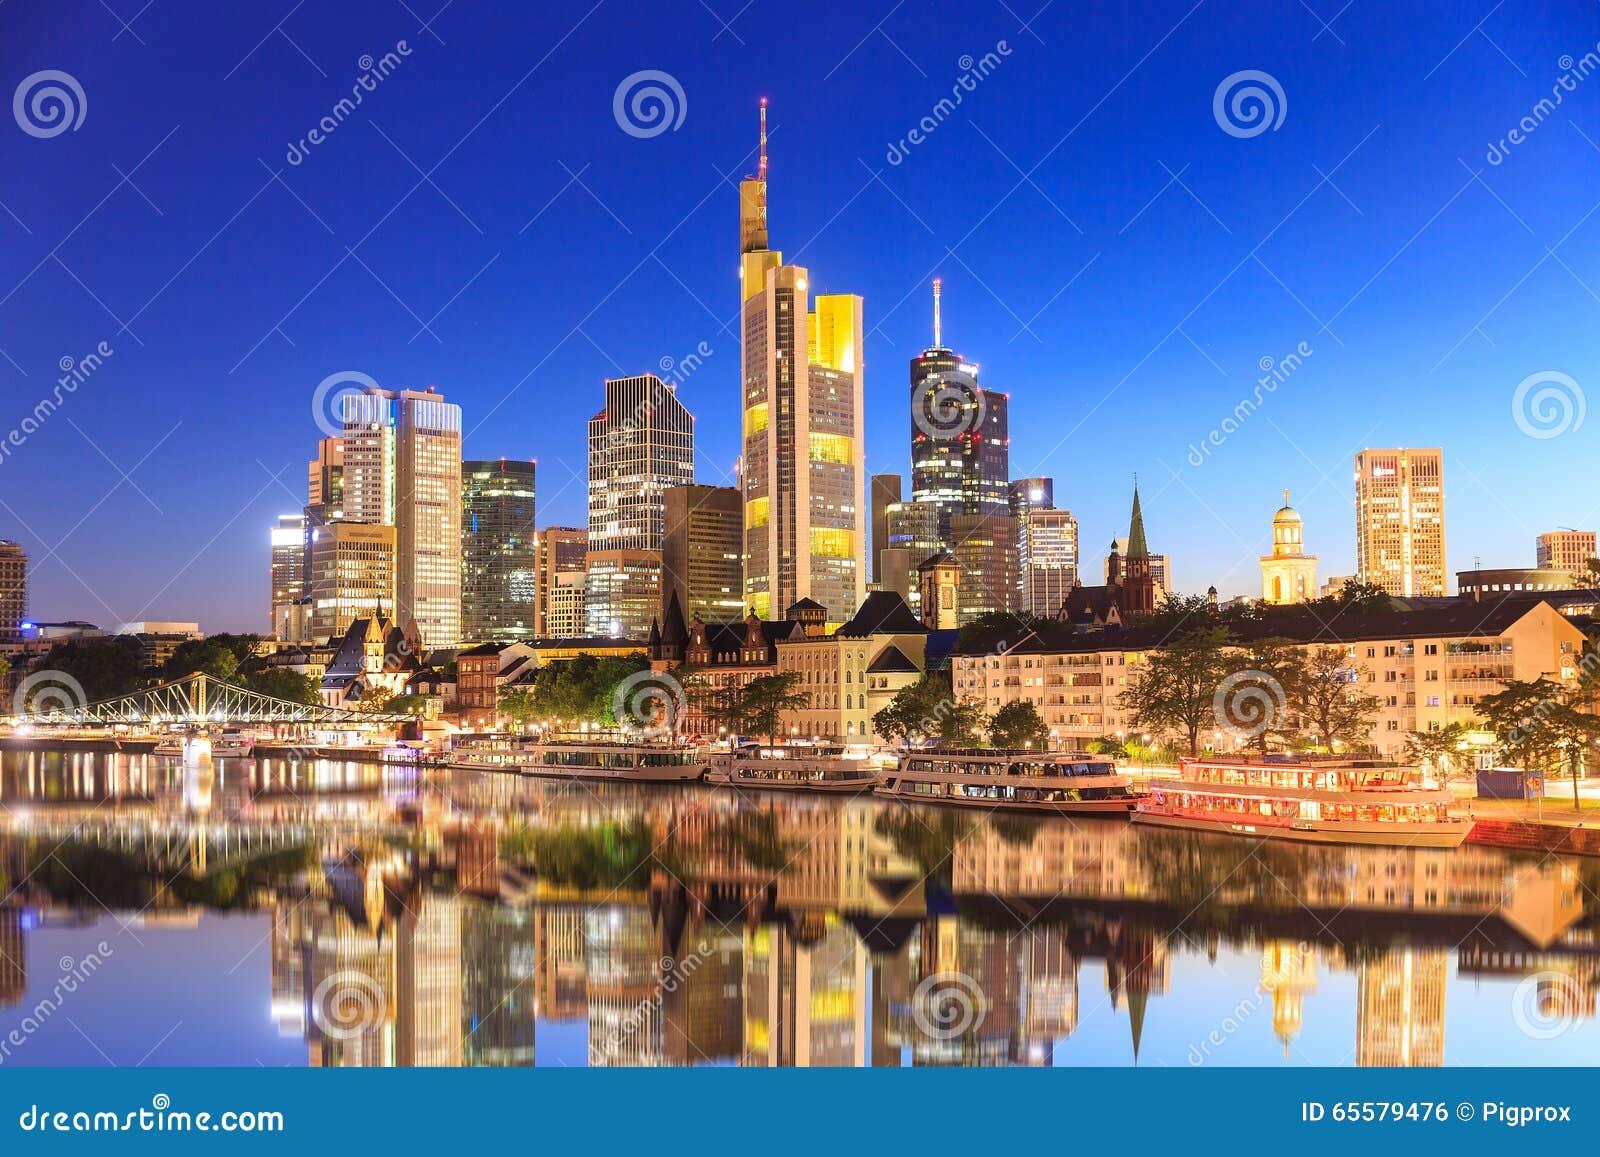 Skyline de Francoforte durante a hora do azul do por do sol